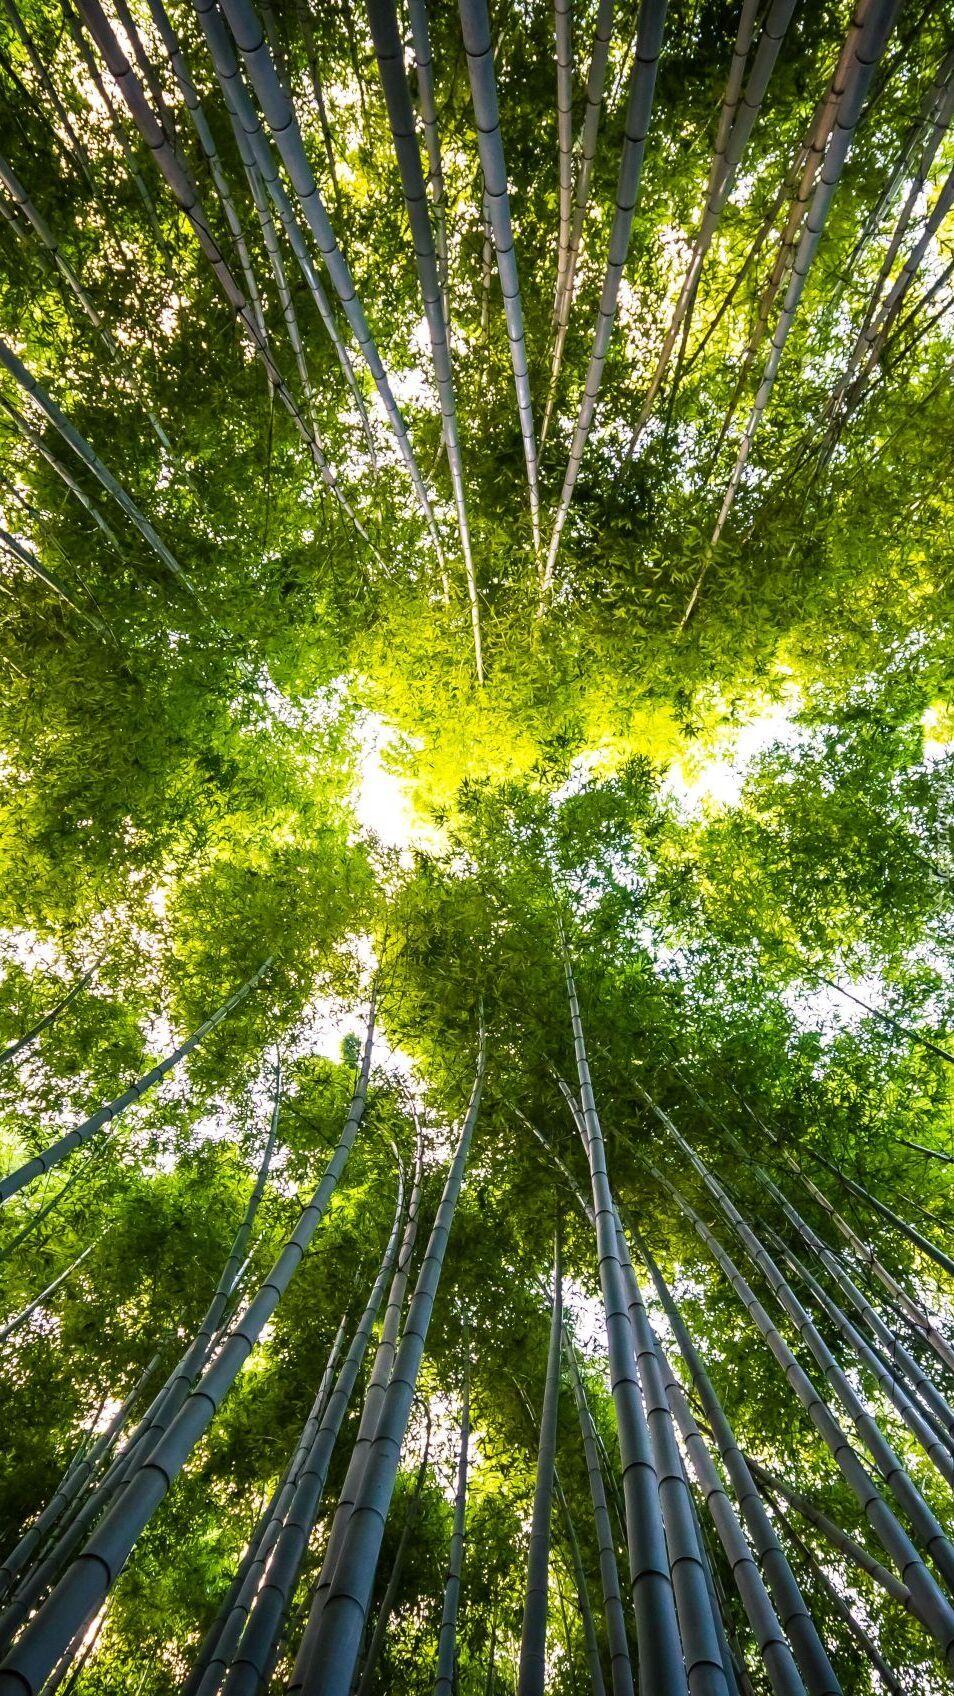 Wierzchołki bambusów